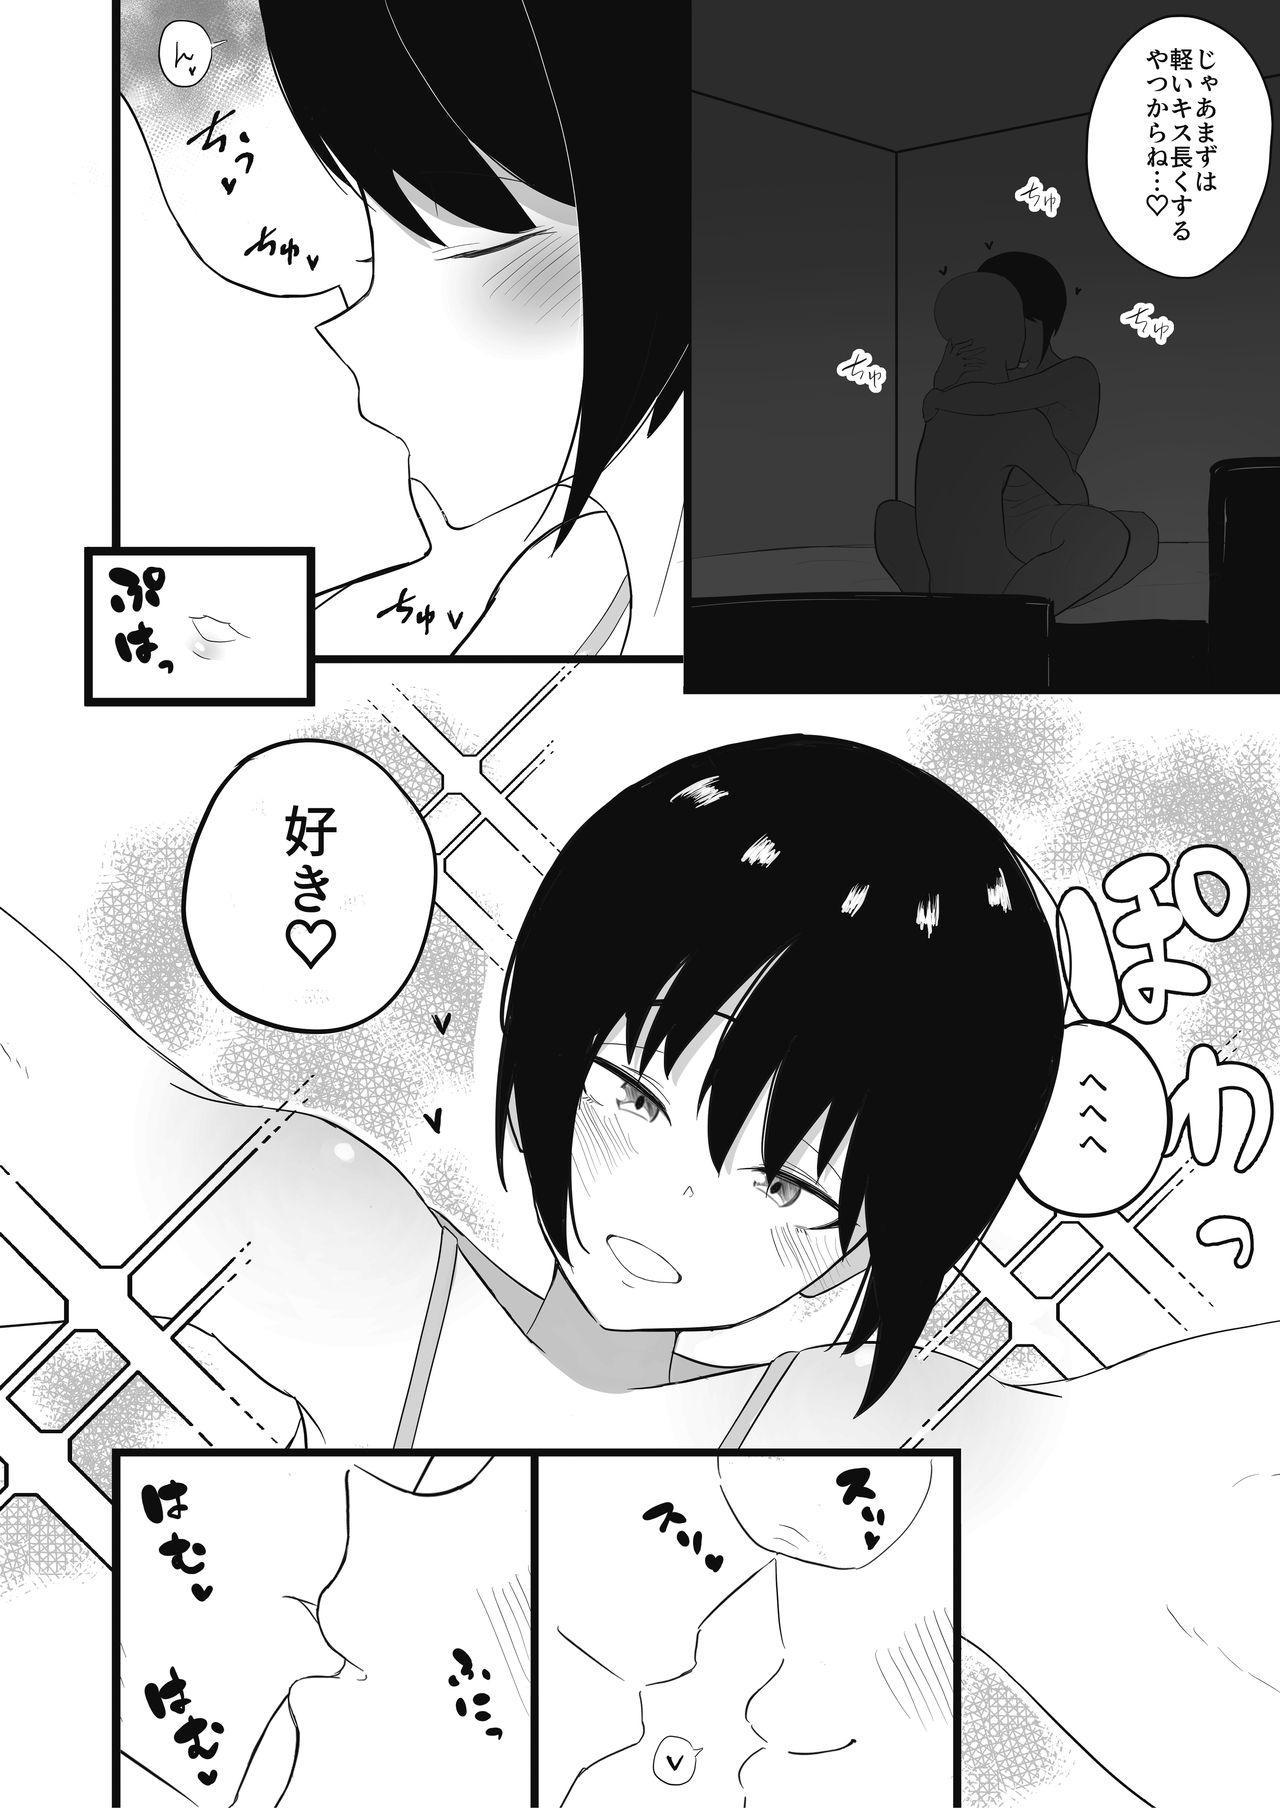 Kanojo to surōsekkusu de guchagucha ni naru hon 3